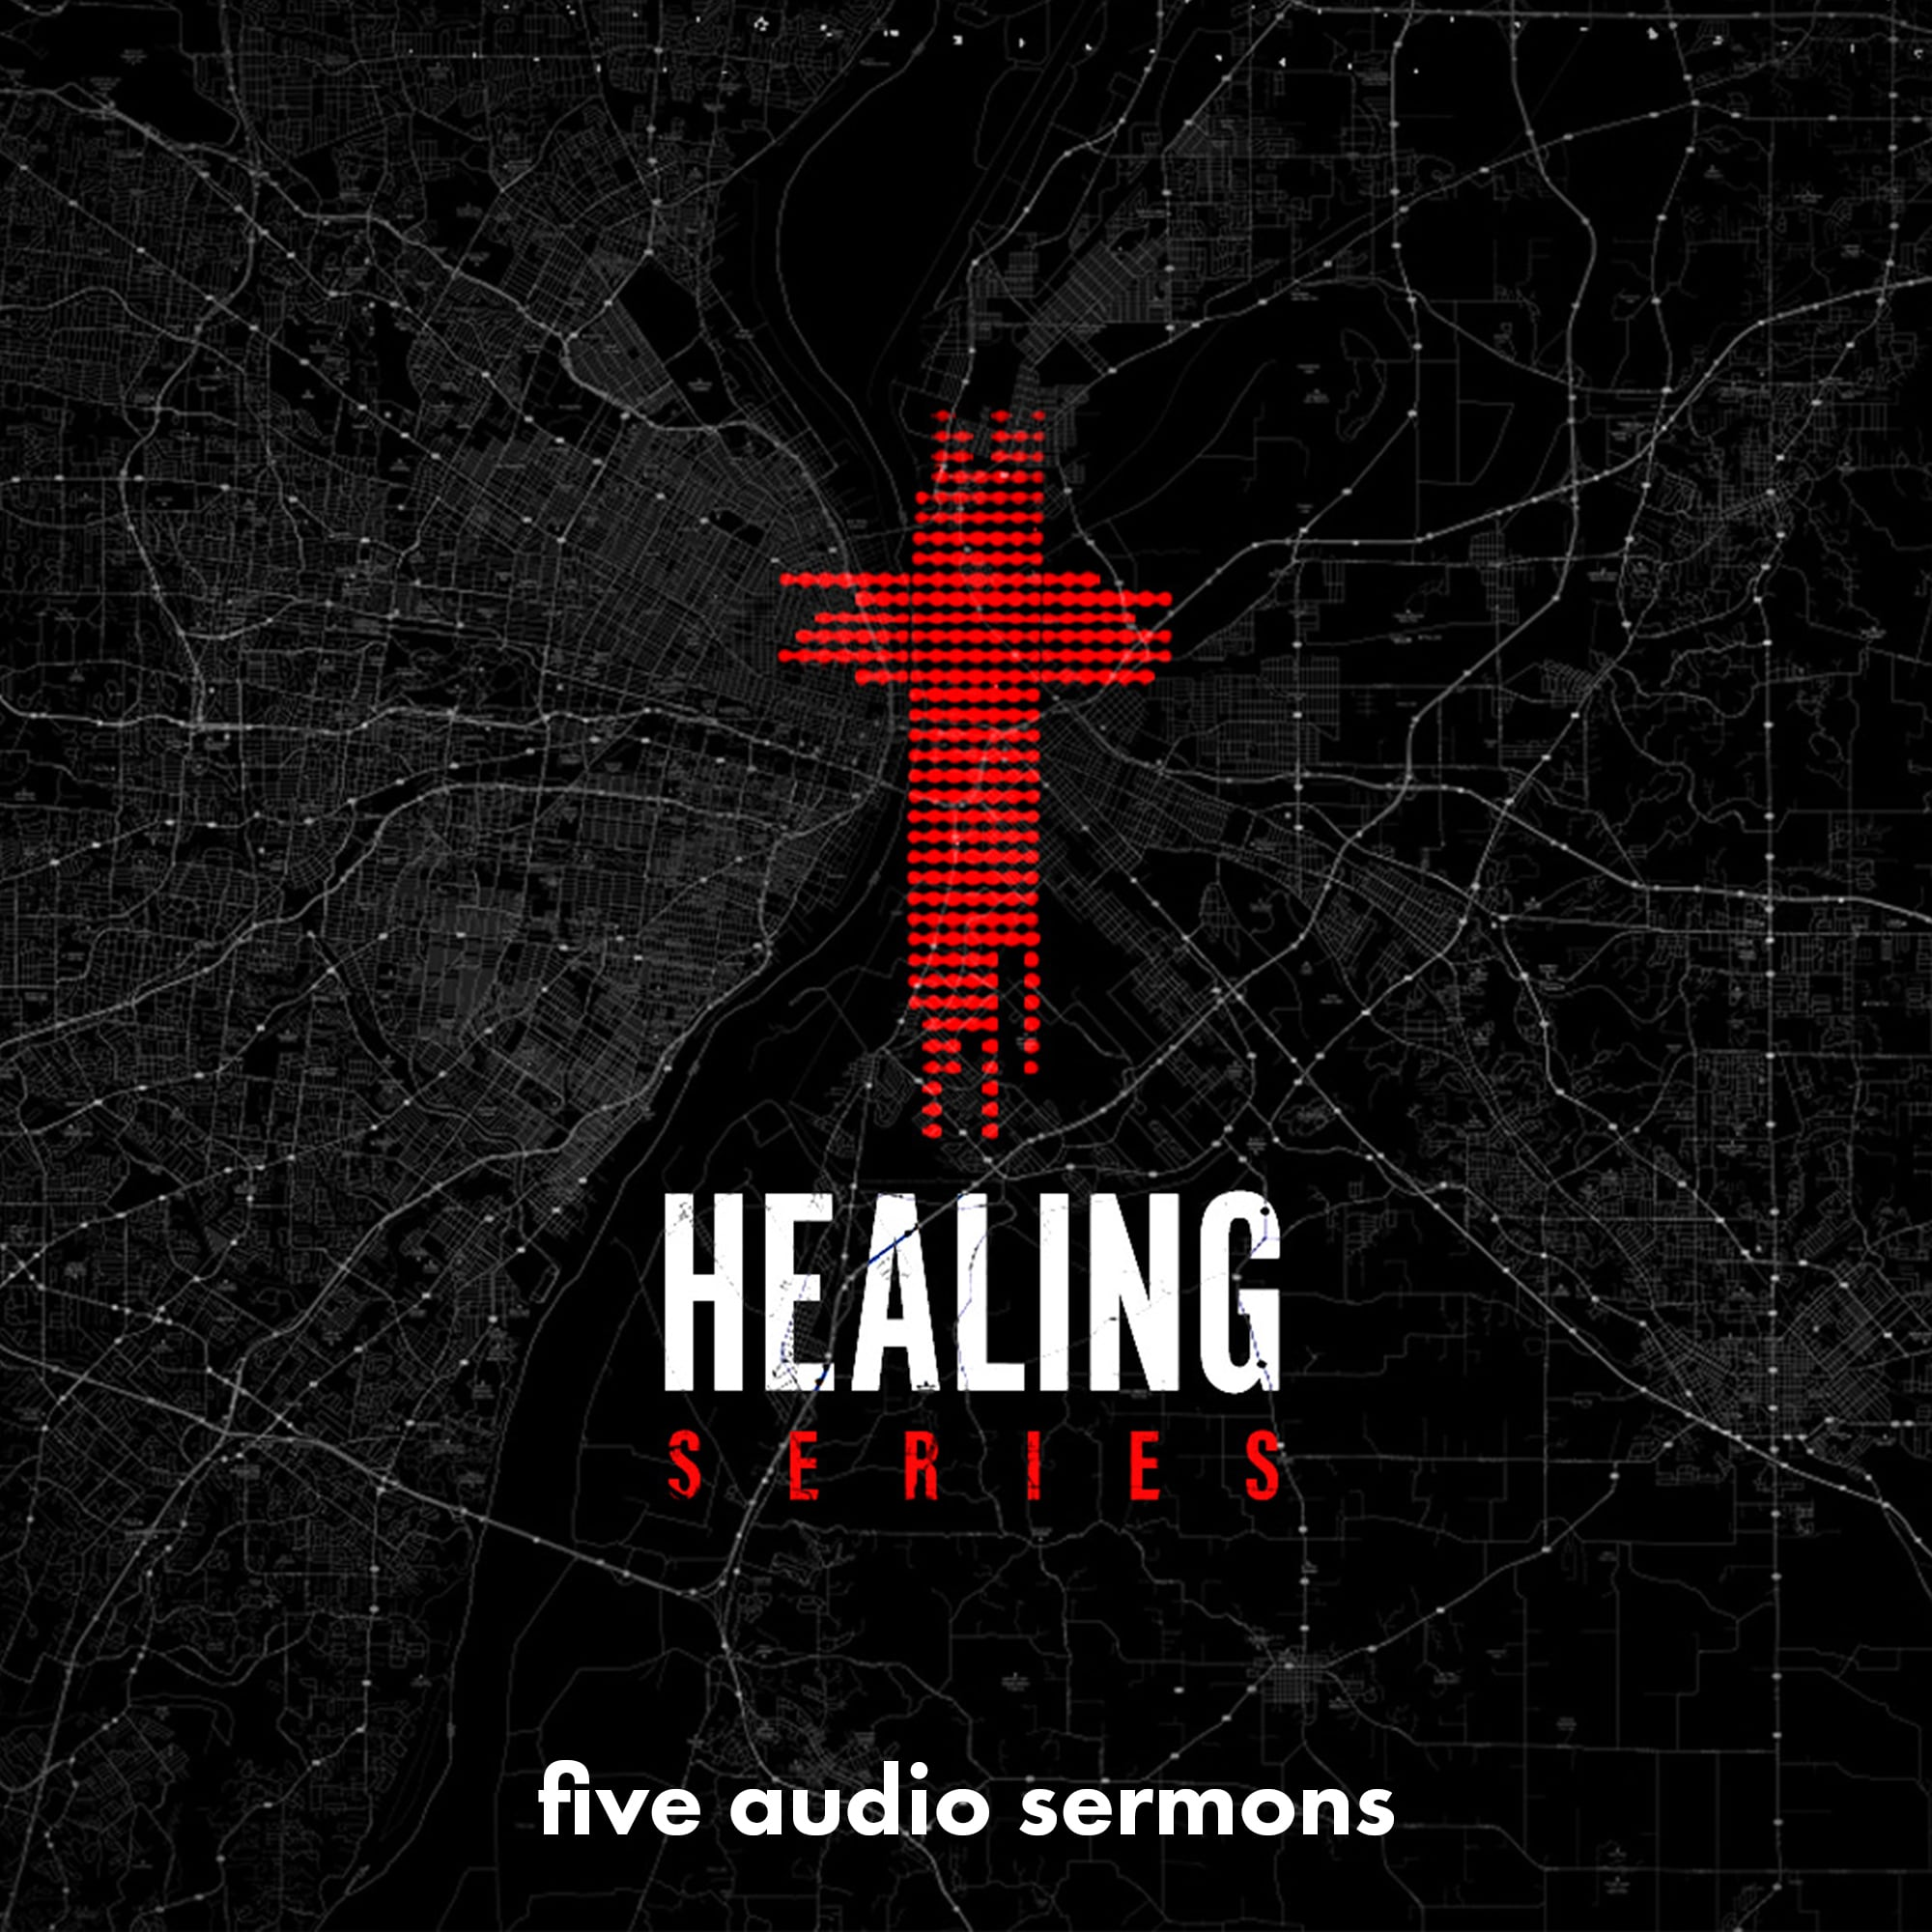 Series: Healing